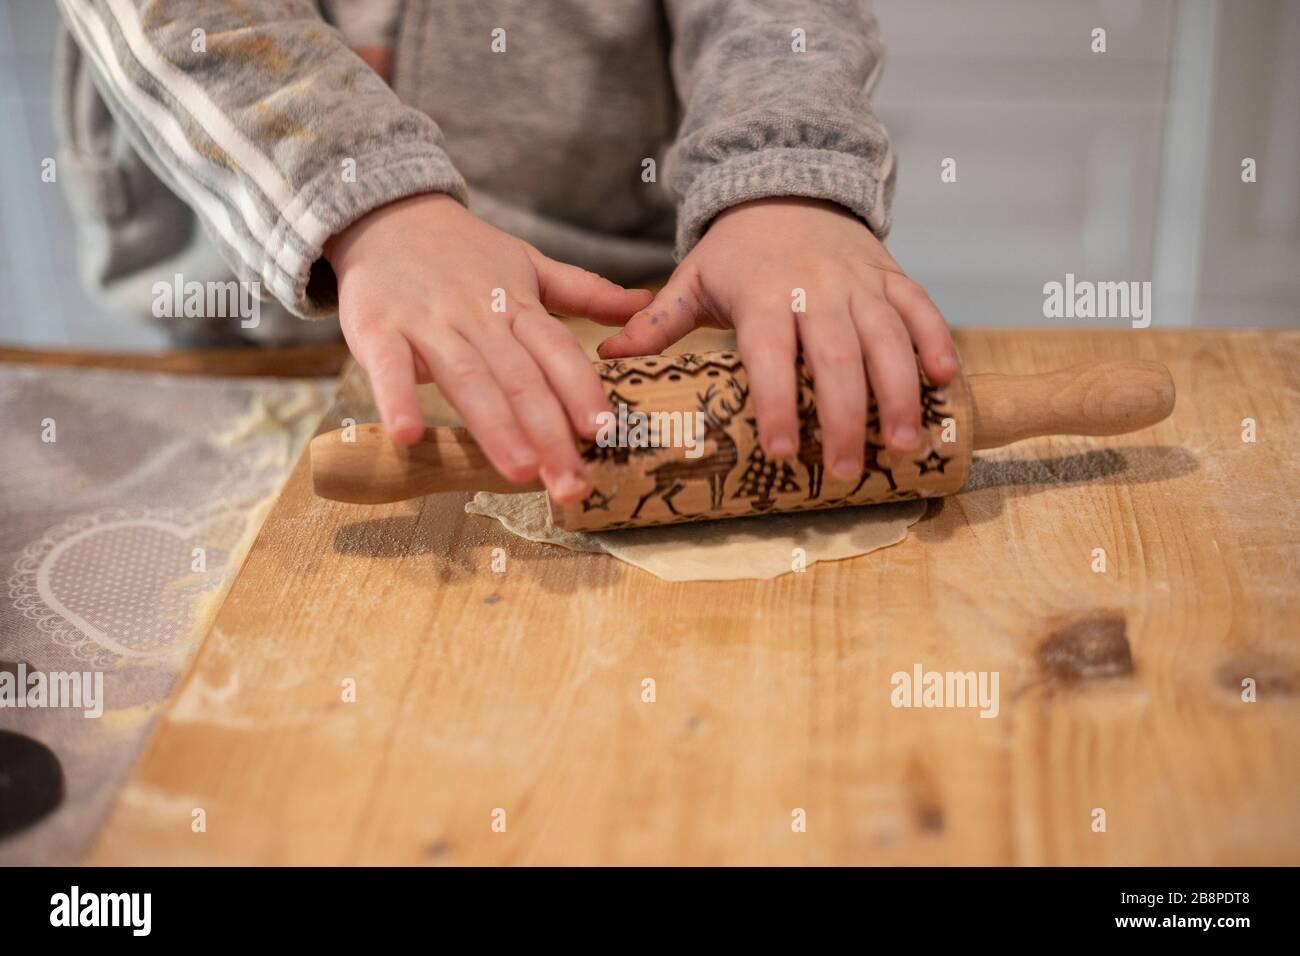 Le mani della ragazza del bambino, nella cucina bianca, appiattendo l'impasto della pizza con un piccolo perno di rotolamento su una tavola di legno. Idea dell'attività di blocco. Foto Stock